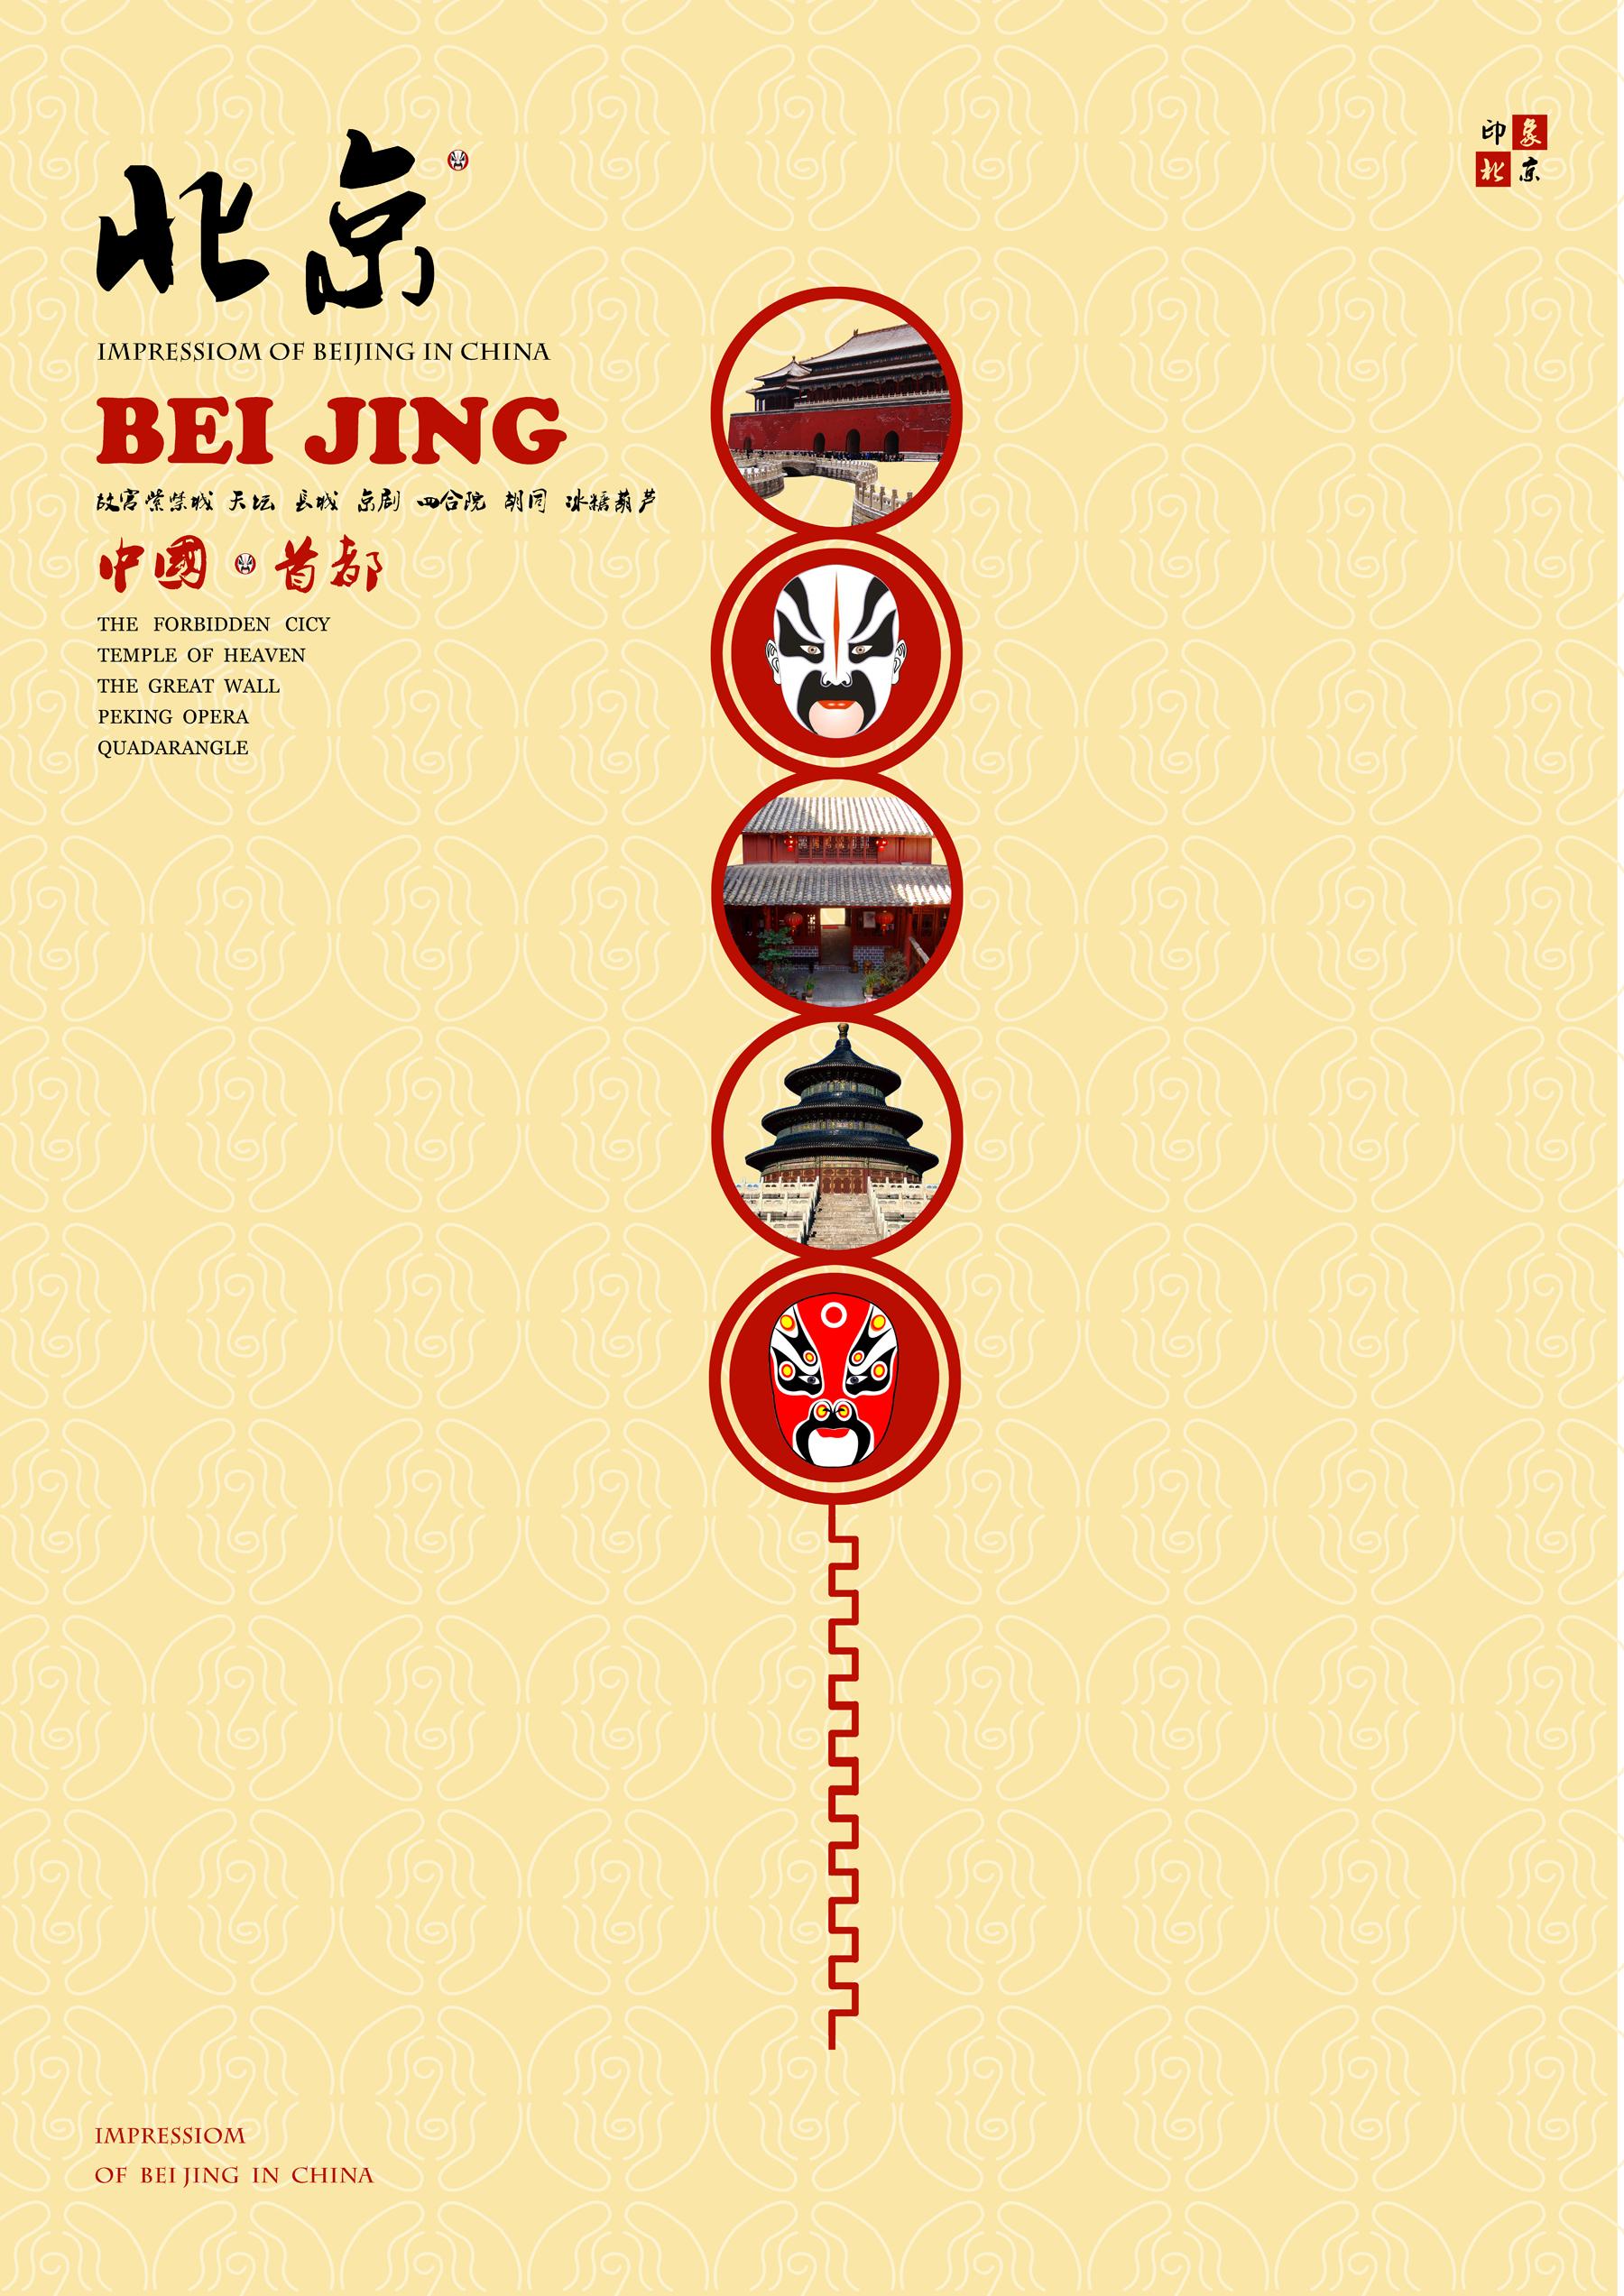 北京特色产品(糖葫芦,长城,京剧,黄马褂,四合院等)来创意出旅游海报图片